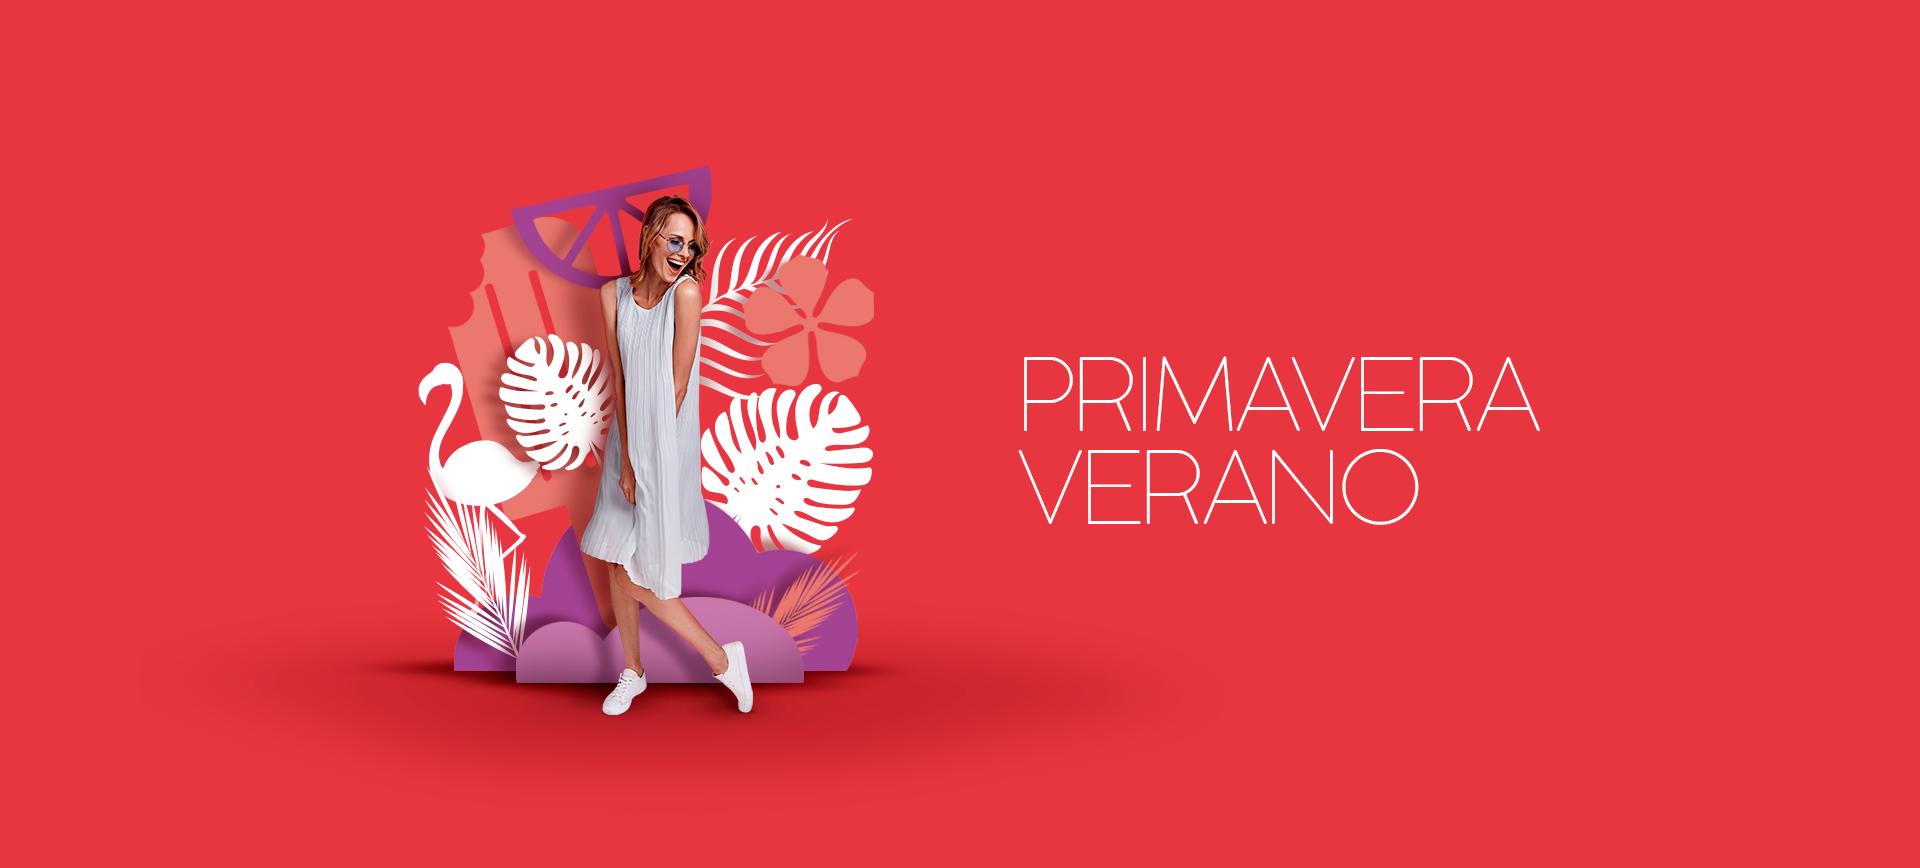 Banner-Primaver-verano